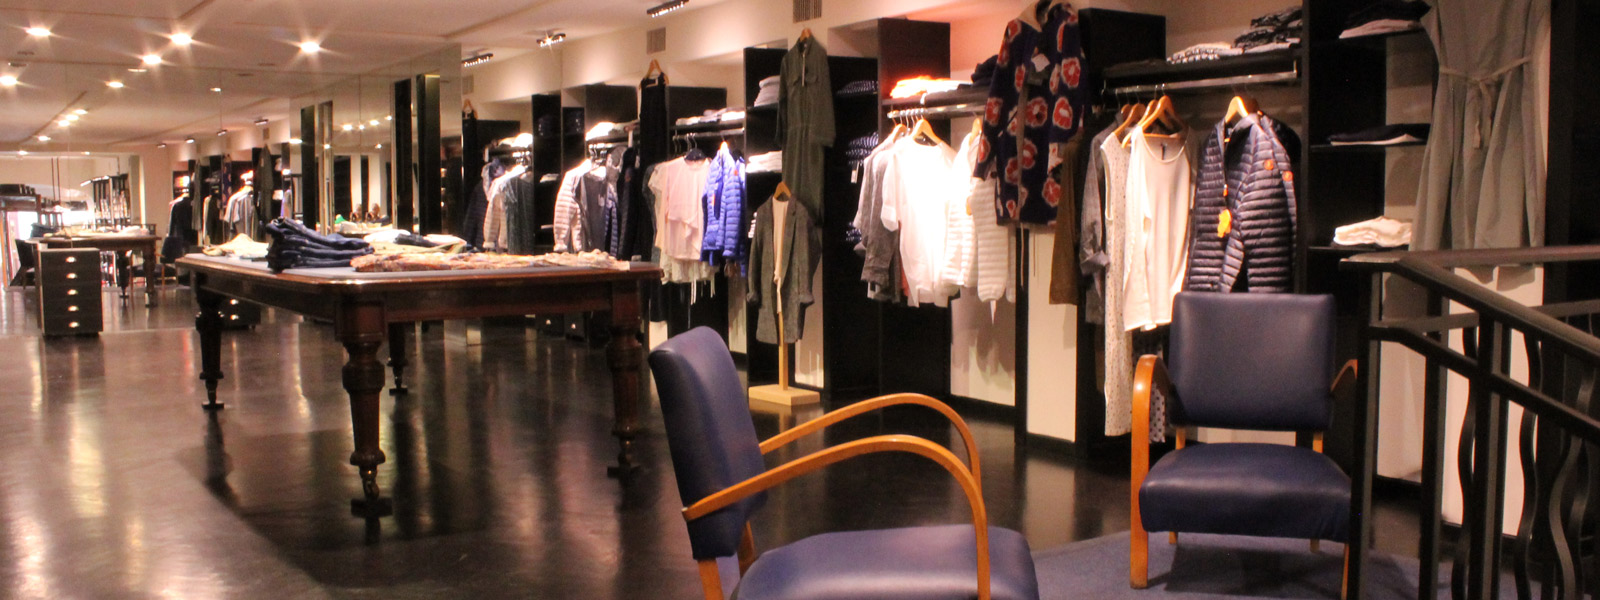 Borgomaestro abbigliamento lusso Arezzo